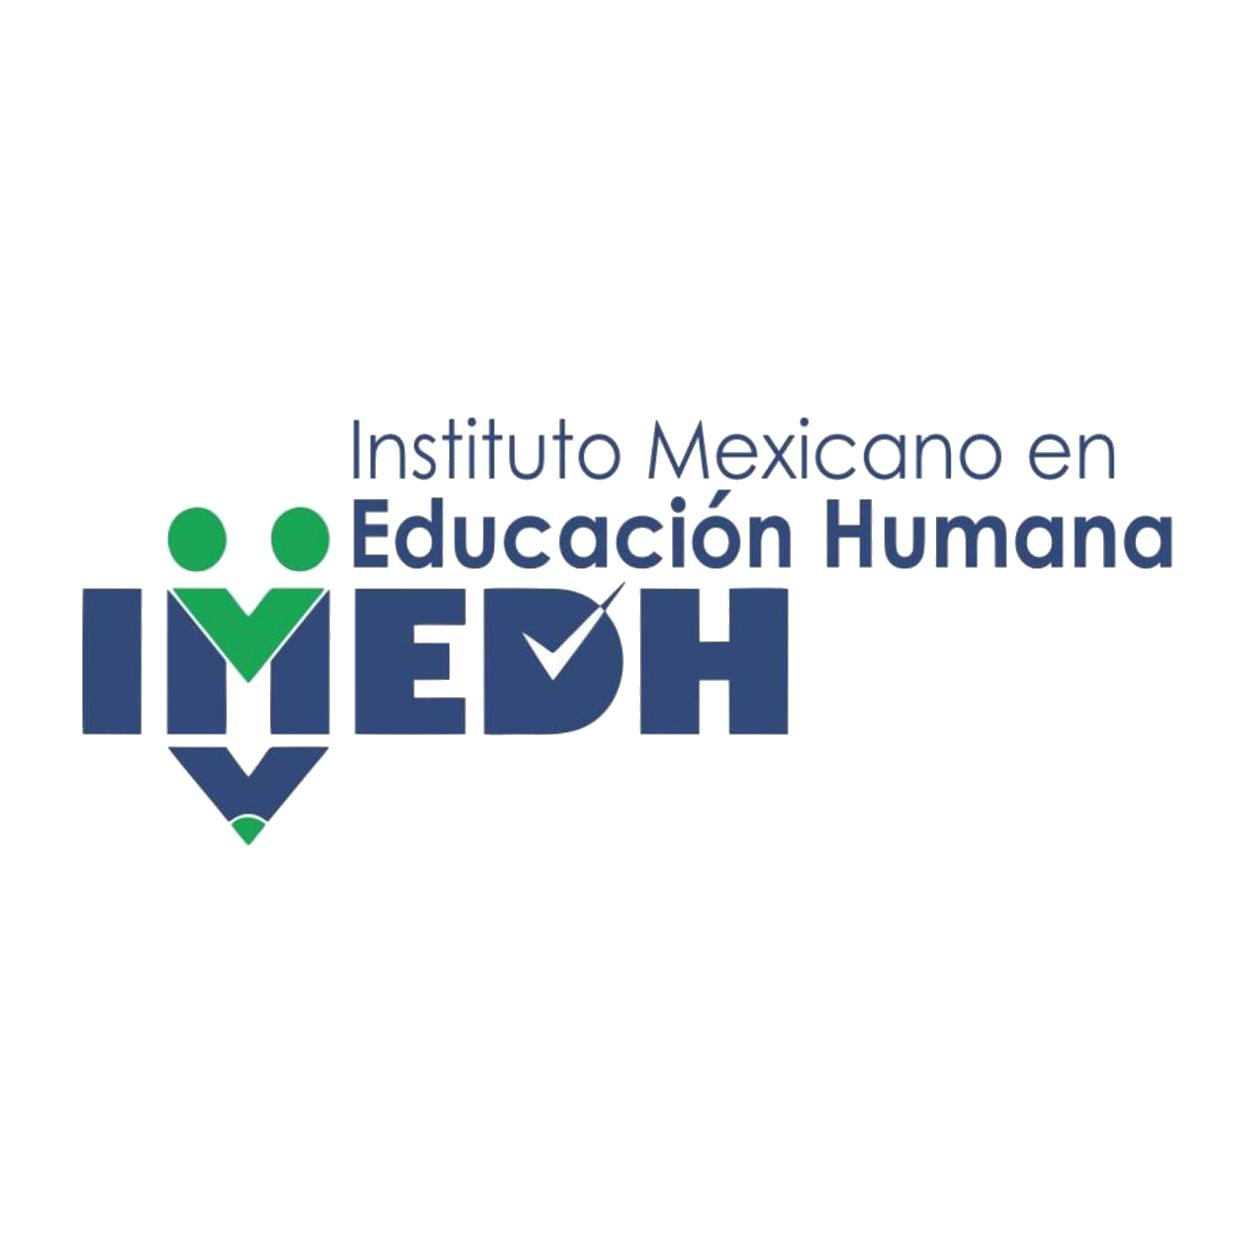 Instituto Mexicano en EducacIón Humana - México